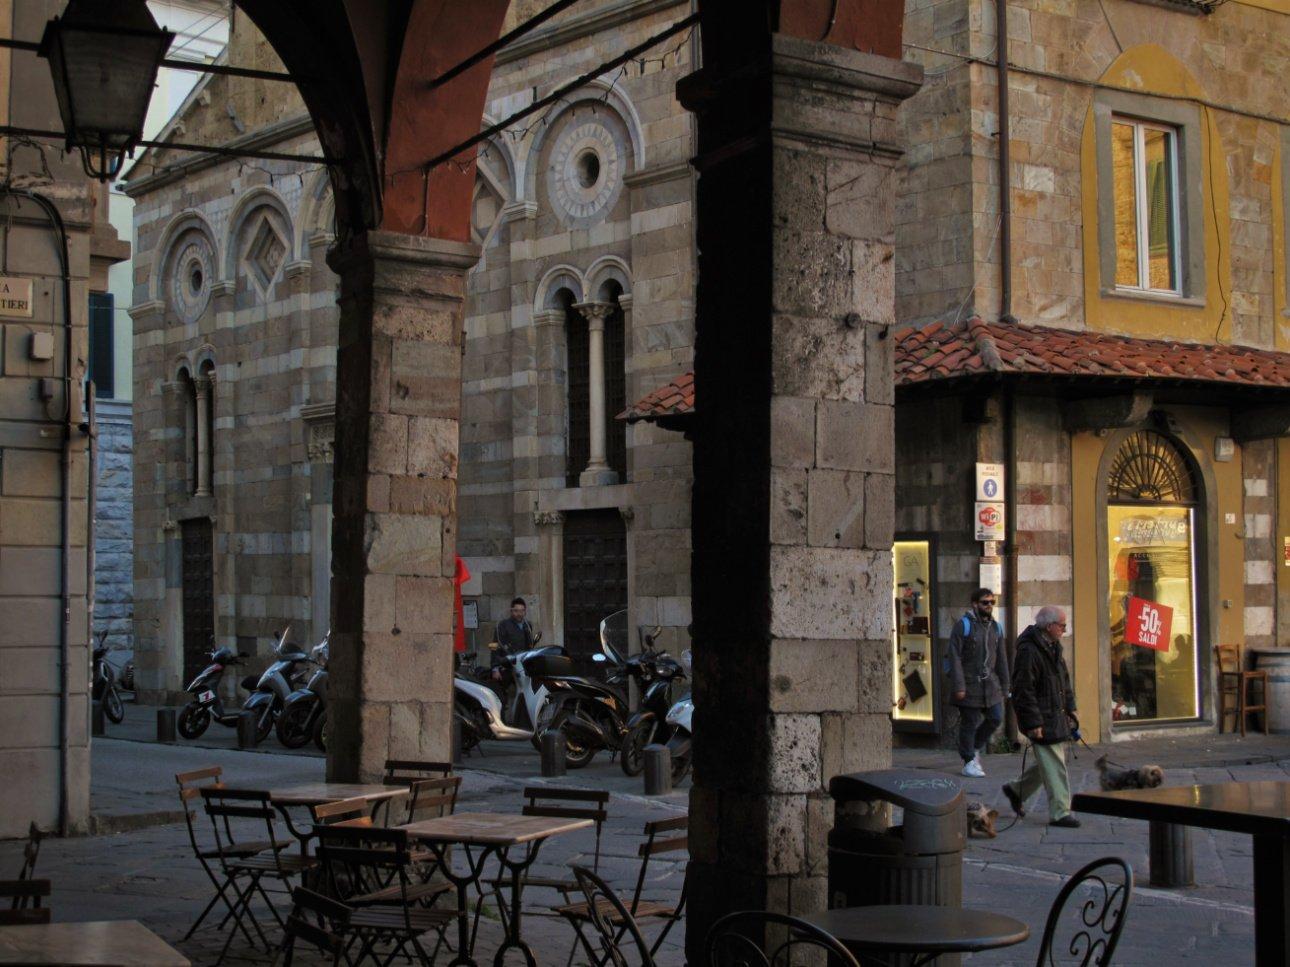 visita al museo nazionale di san matteo - pisa - piazza della berlina